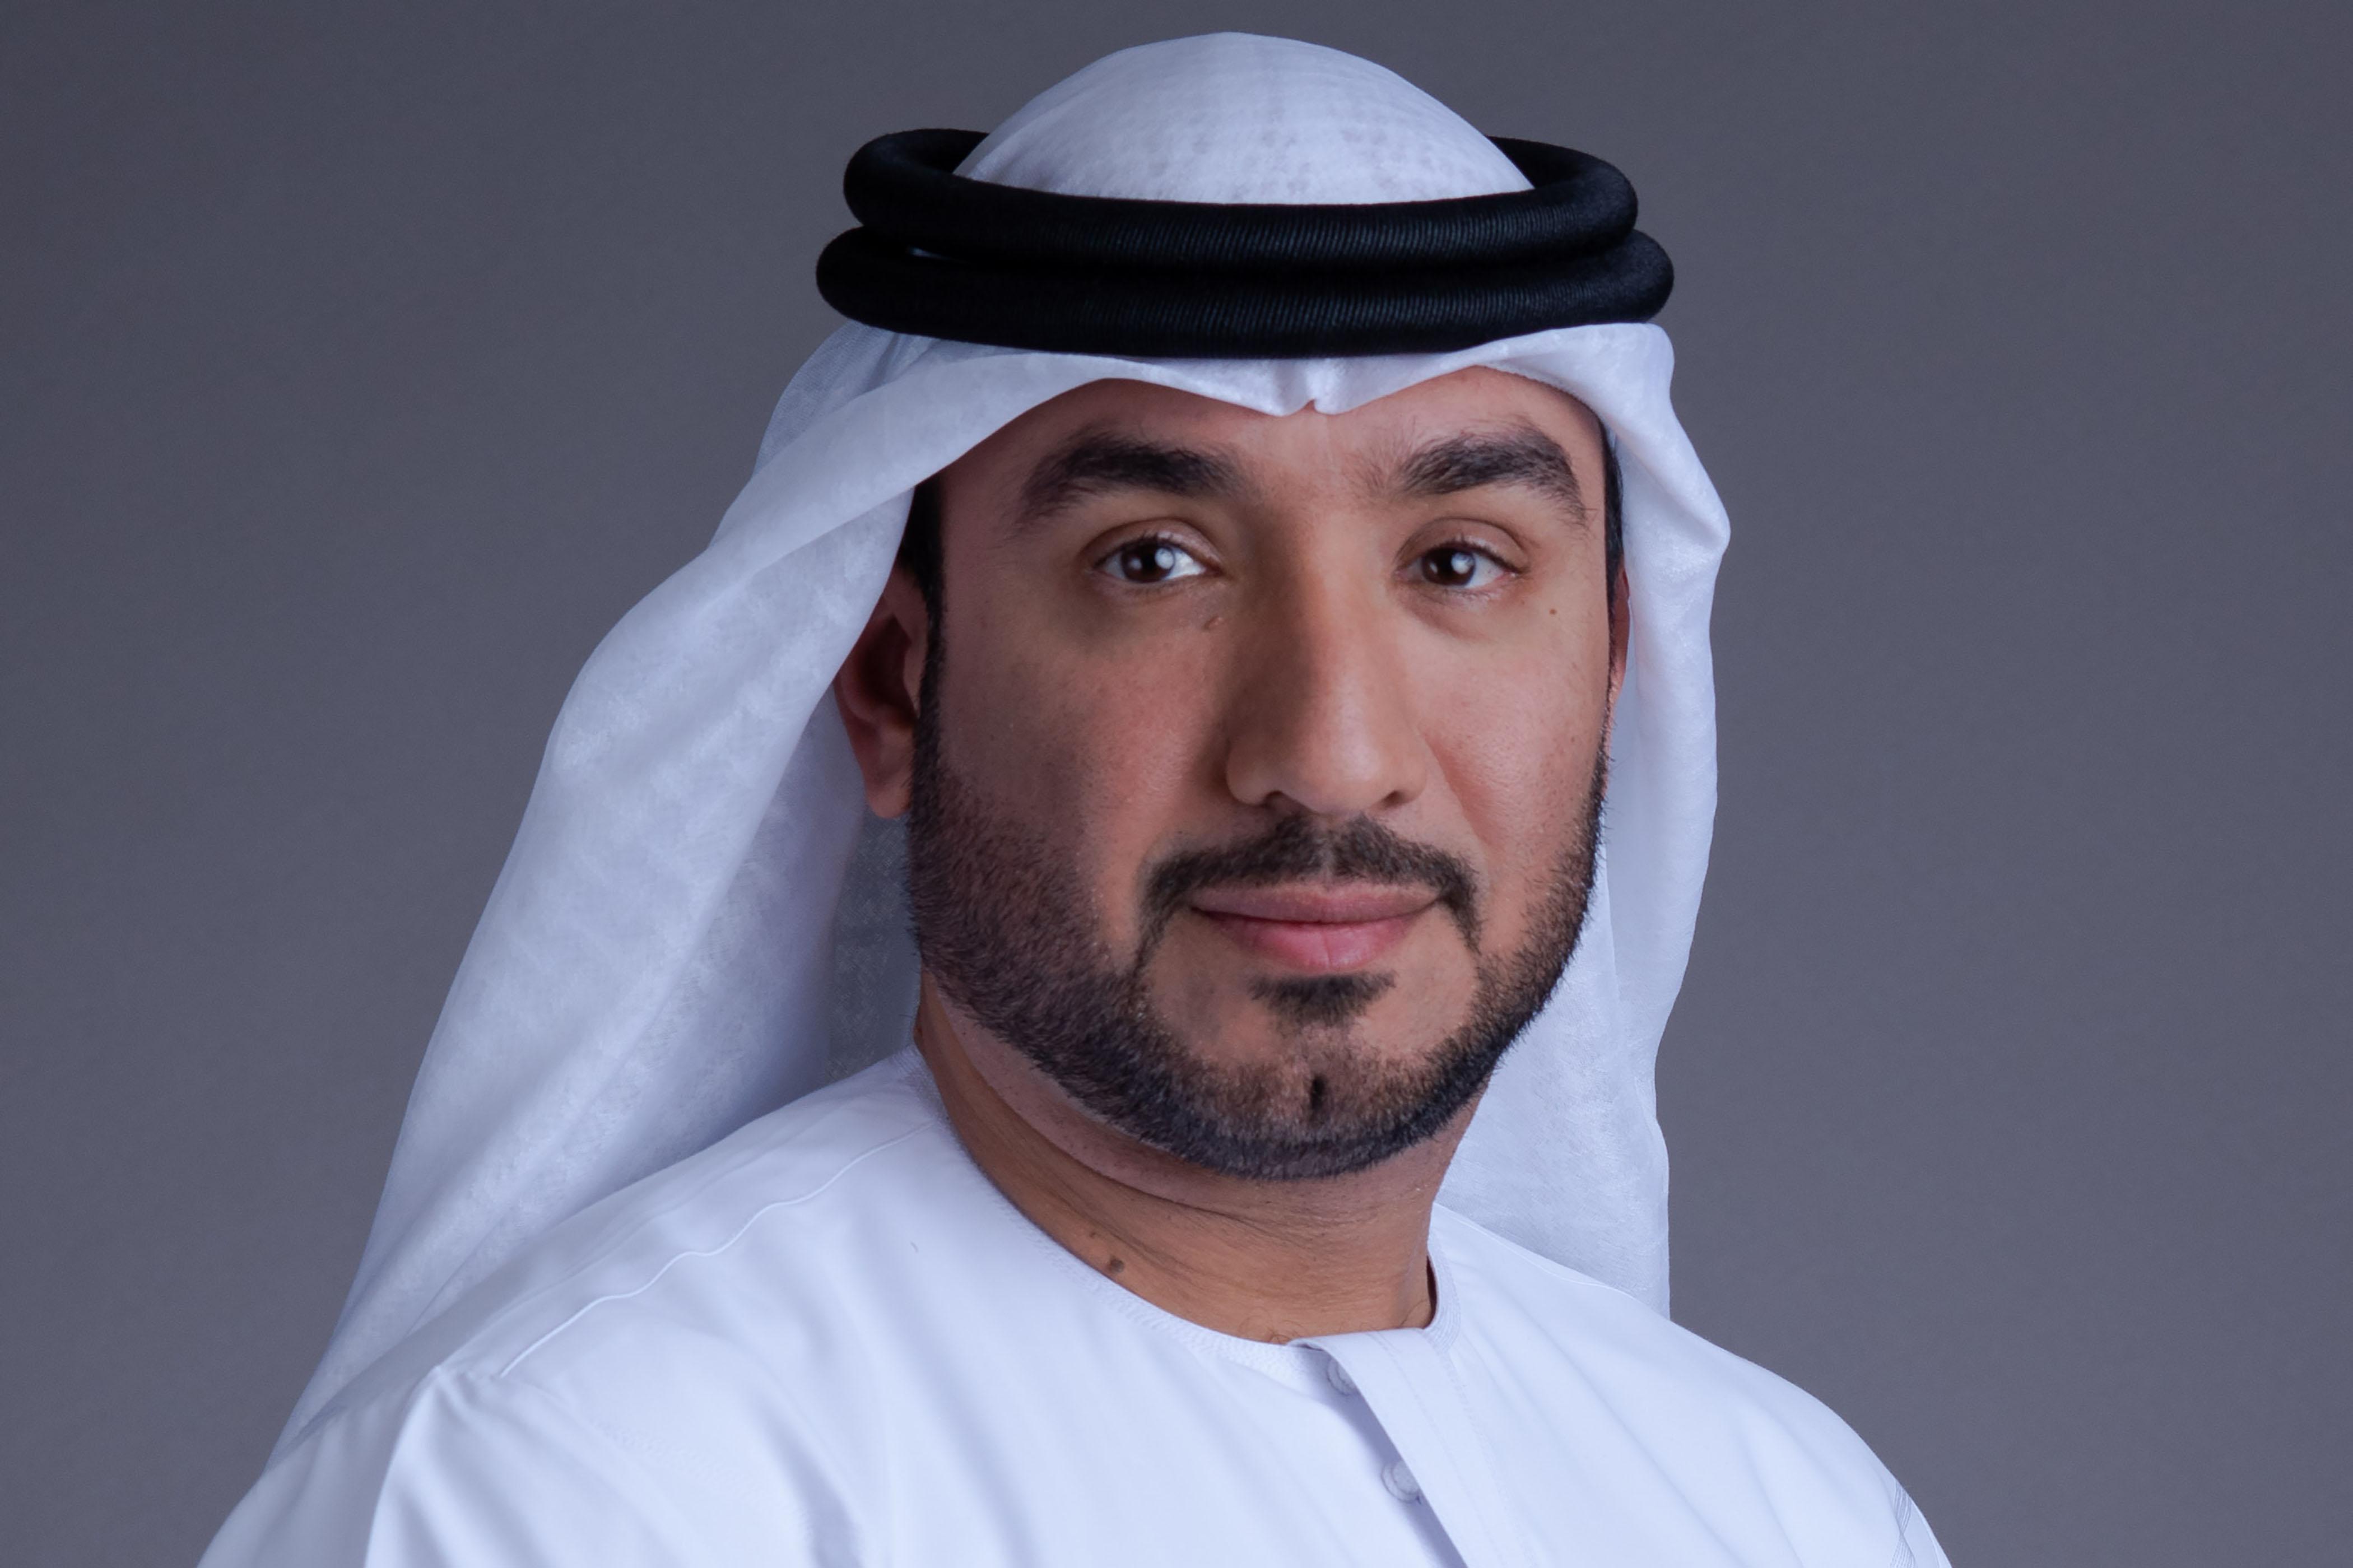 """بتوجيهات حمدان بن محمد - انطلاق الدورة الثالثة من """"الألعاب الحكومية 2021""""  9 ديسمبر المقبل"""